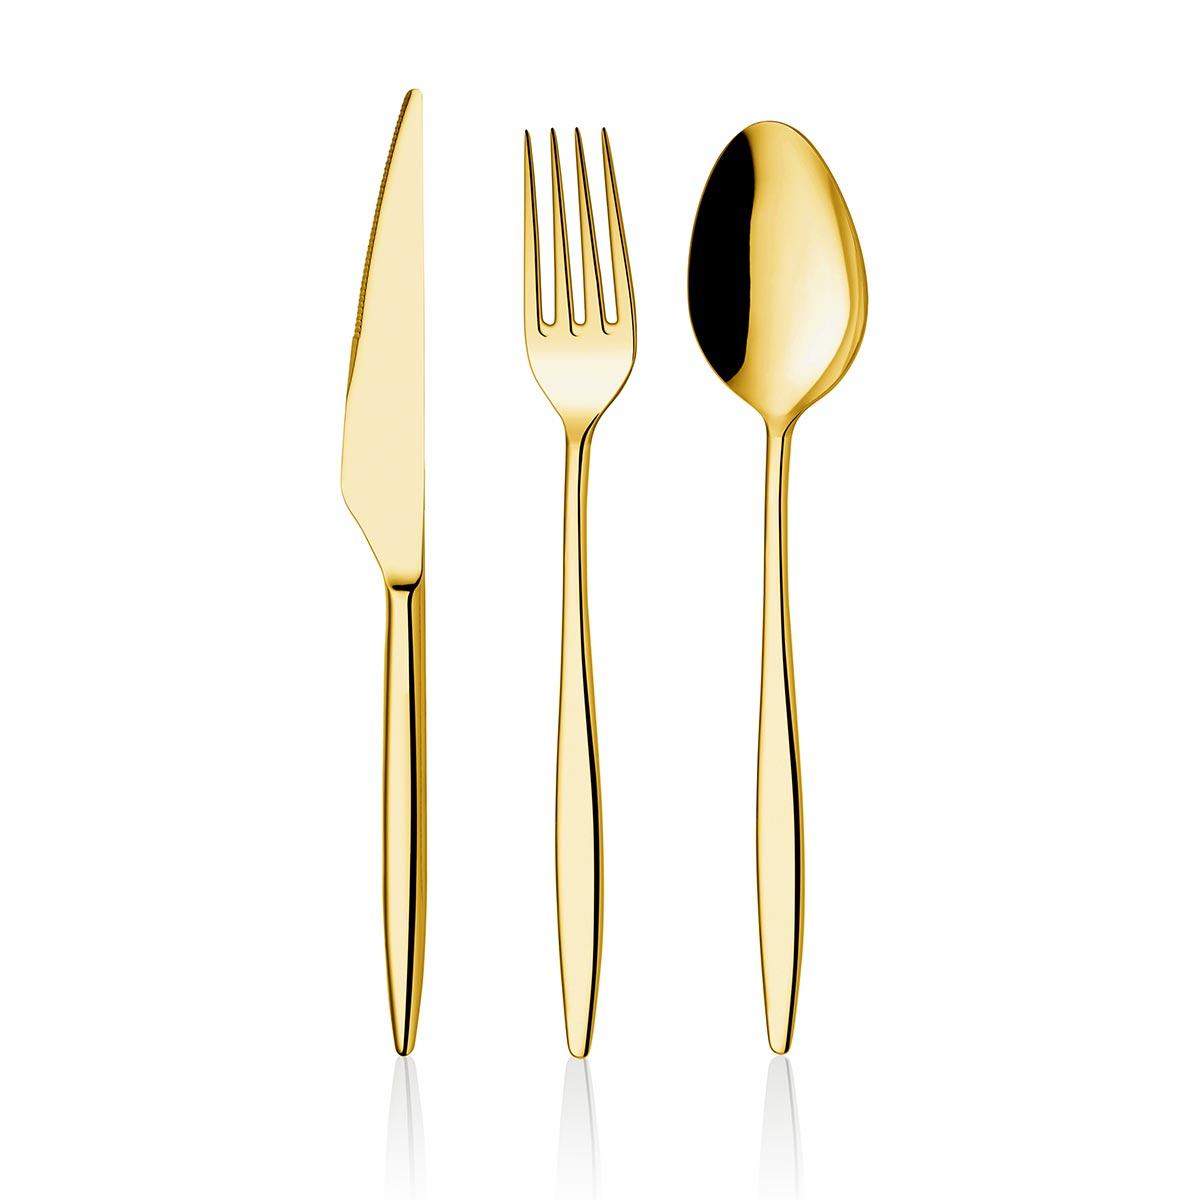 ONON Assos Altın Titanyum 36 Parça Çatal Kaşık Bıçak Takımı 1